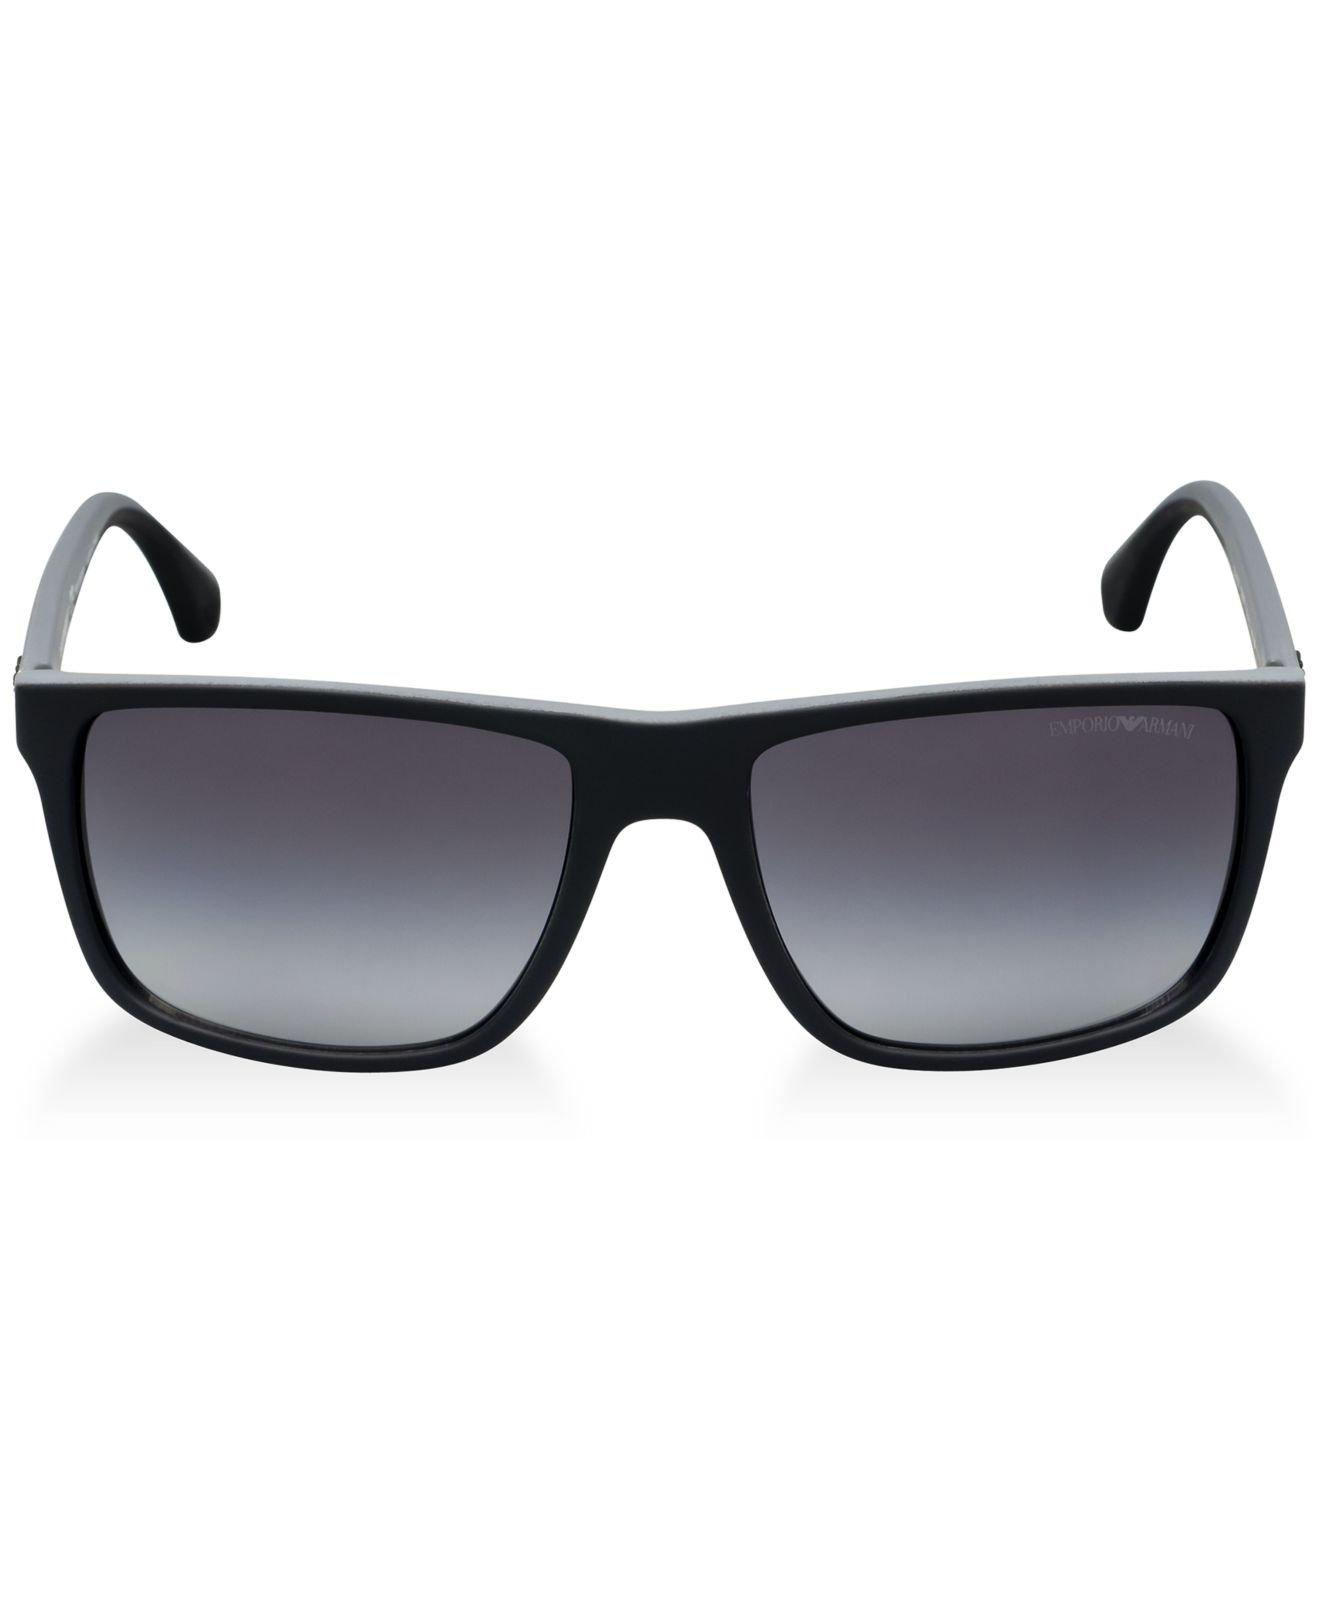 609f075ace94 Emporio Armani Ea4033 Men s Sunglasses - Bitterroot Public Library